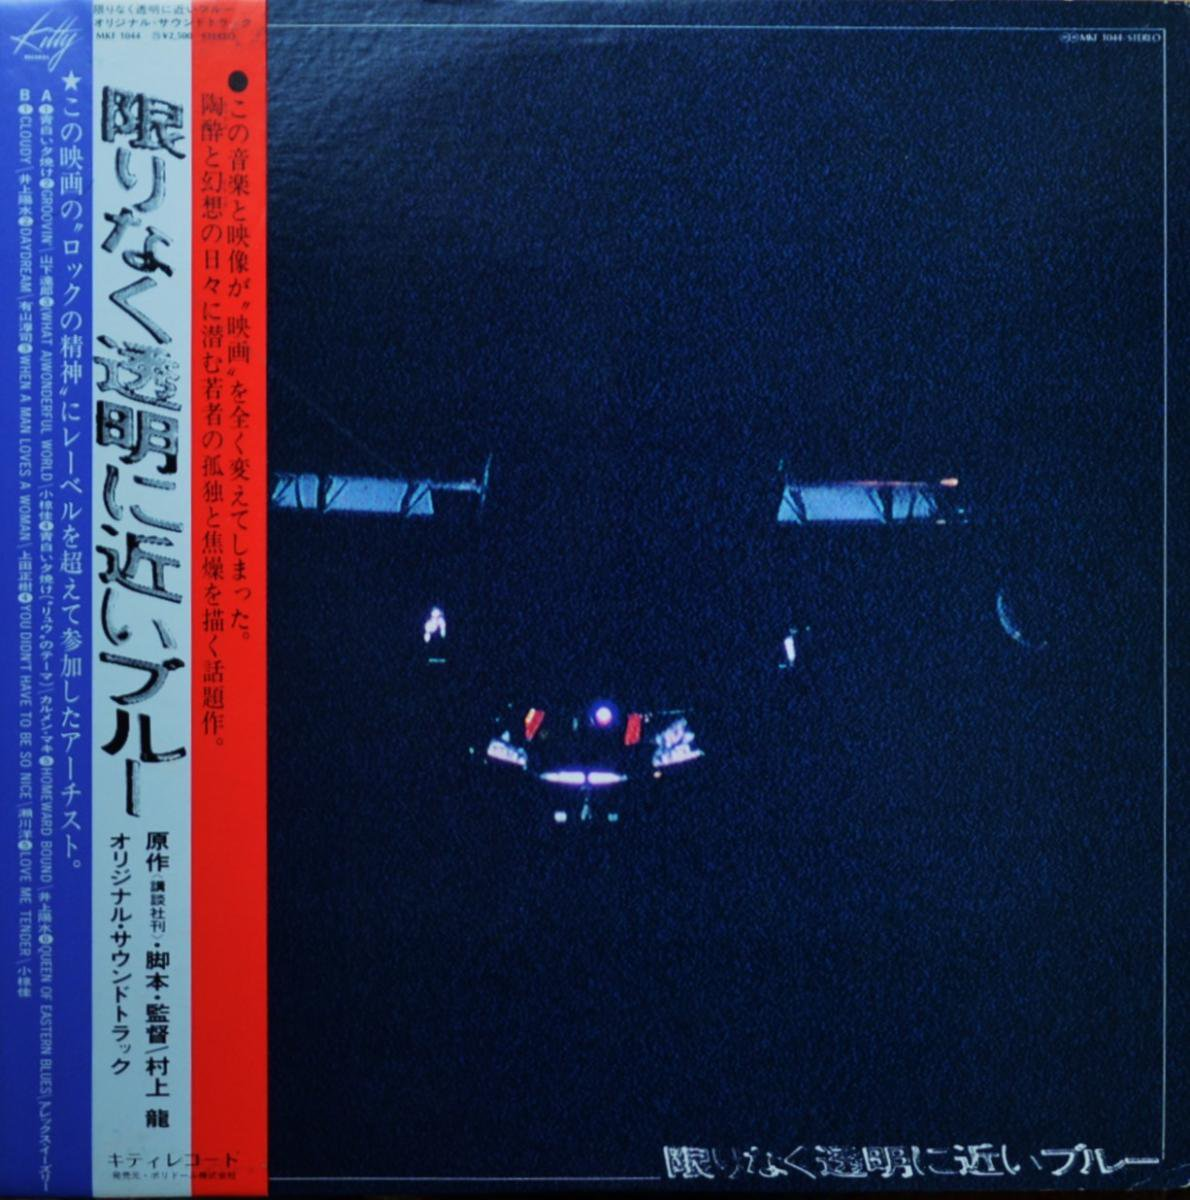 O.S.T. (山下達郎,井上陽水,小椋佳) / 限りなく透明に近いブルー (LP)